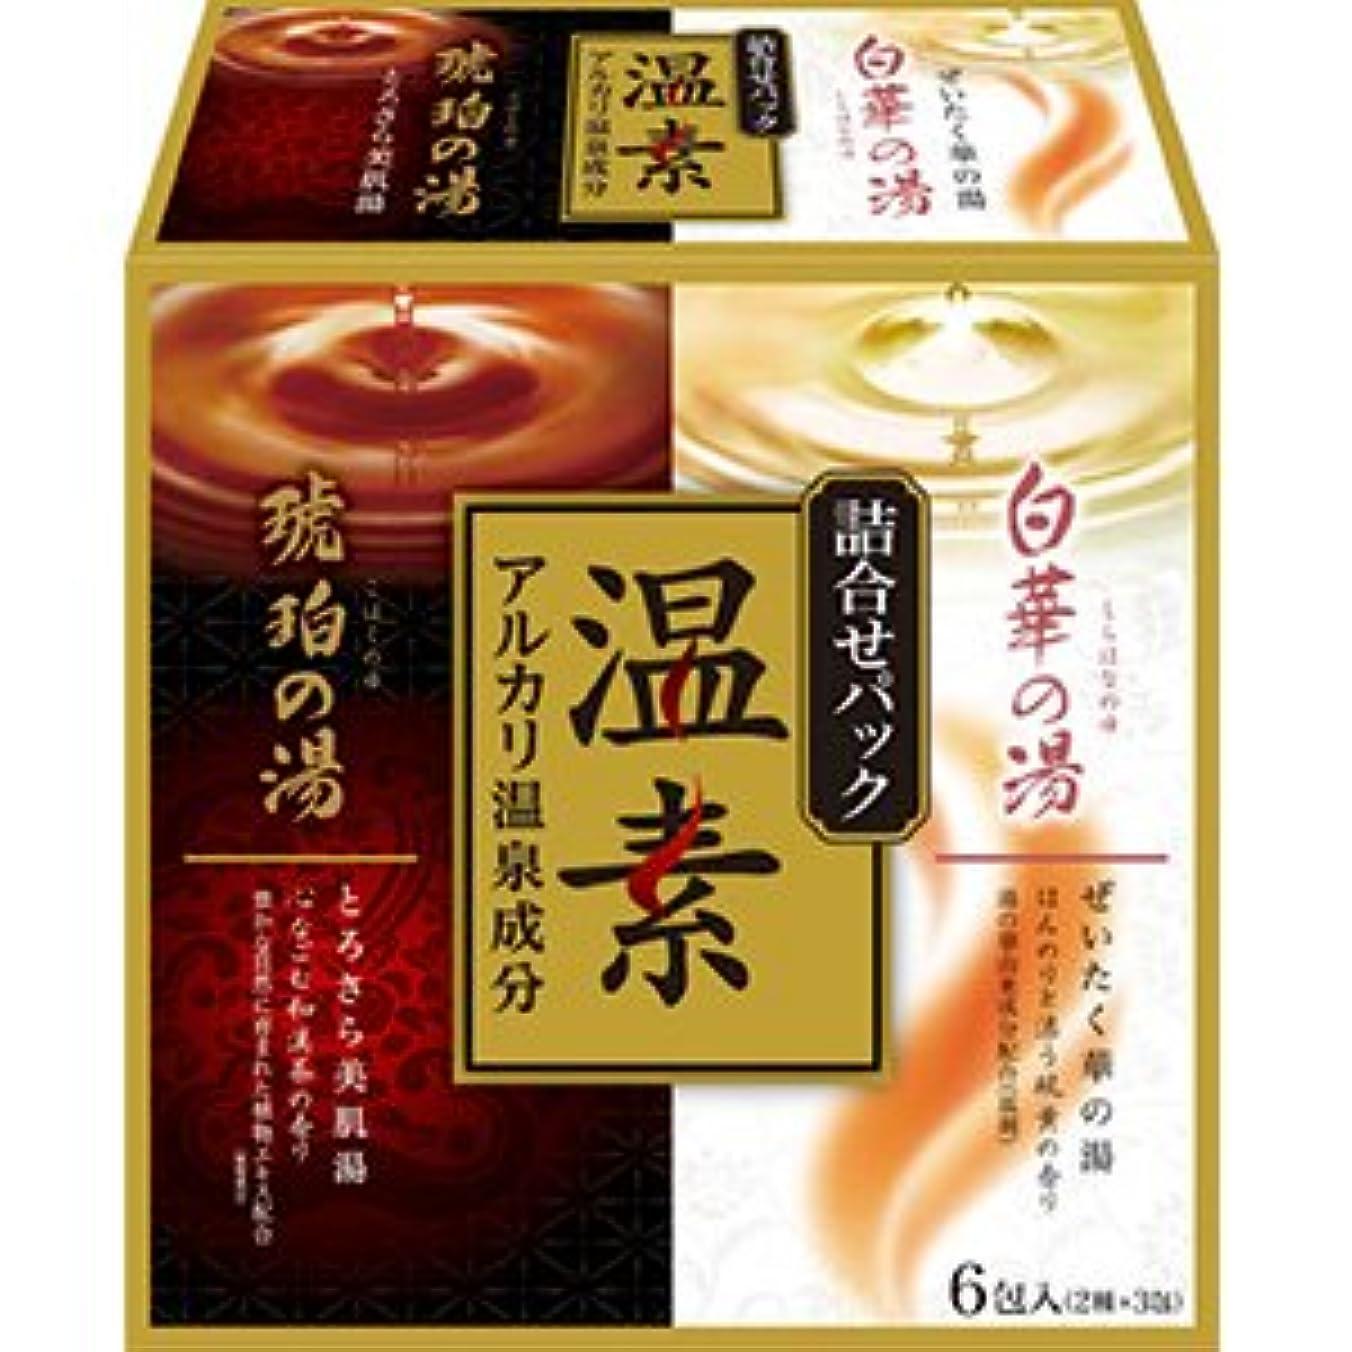 アジア超えて窒息させる温素 琥珀の湯&白華の湯 詰合せパック × 16個セット